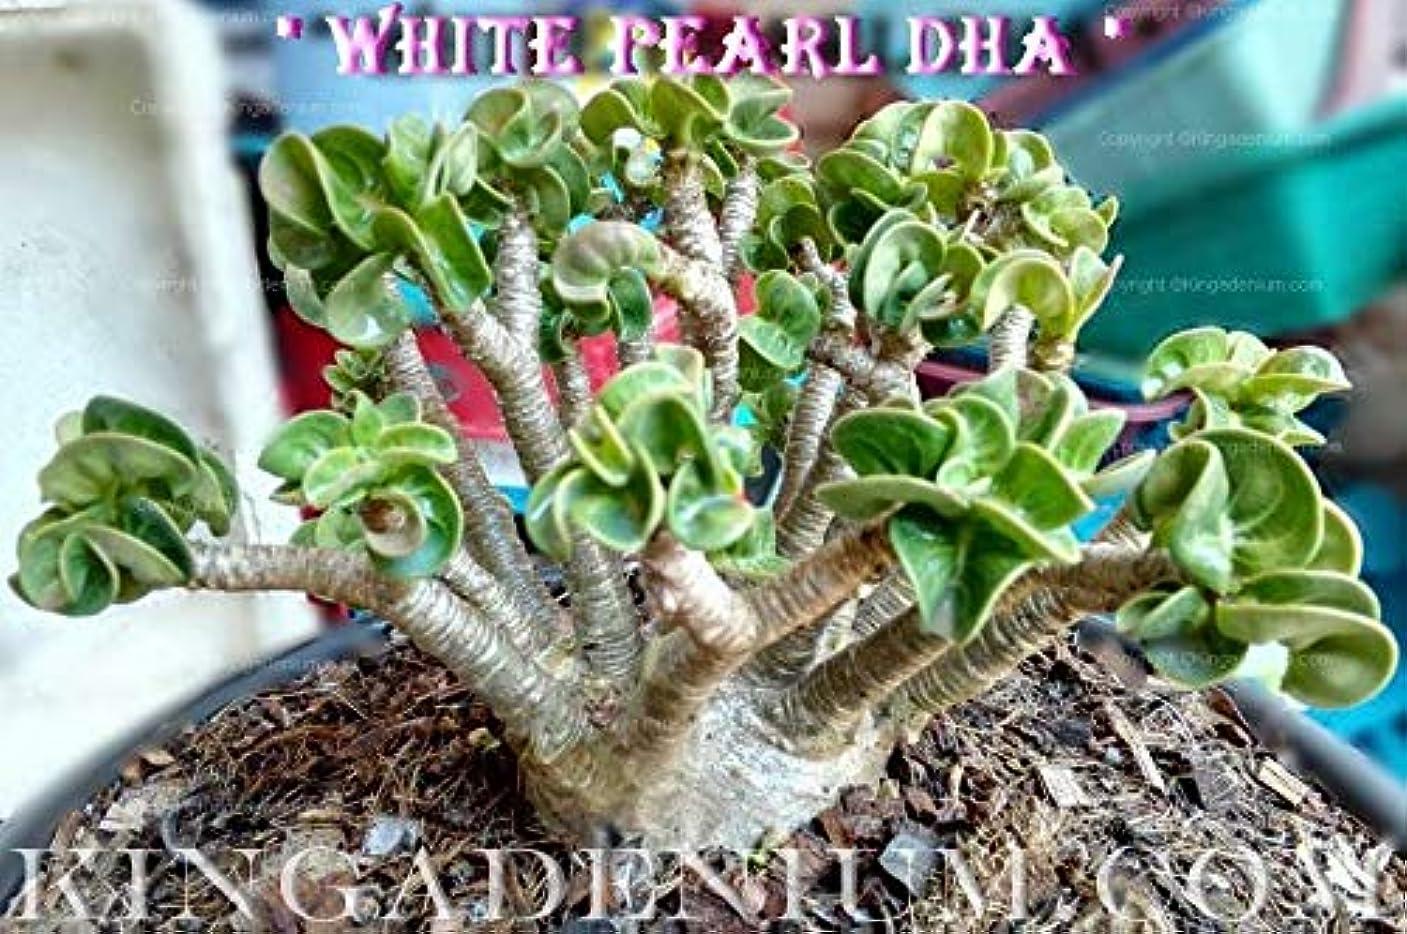 大理石ネックレス障害者有機種子だけでなく、植物:PEARL DHA DORSET HORNアデニウムTHAI SOCOTRANUM DESERTは100 SEEDSのSEEDS NEW HYBR BY FERRYをROSE